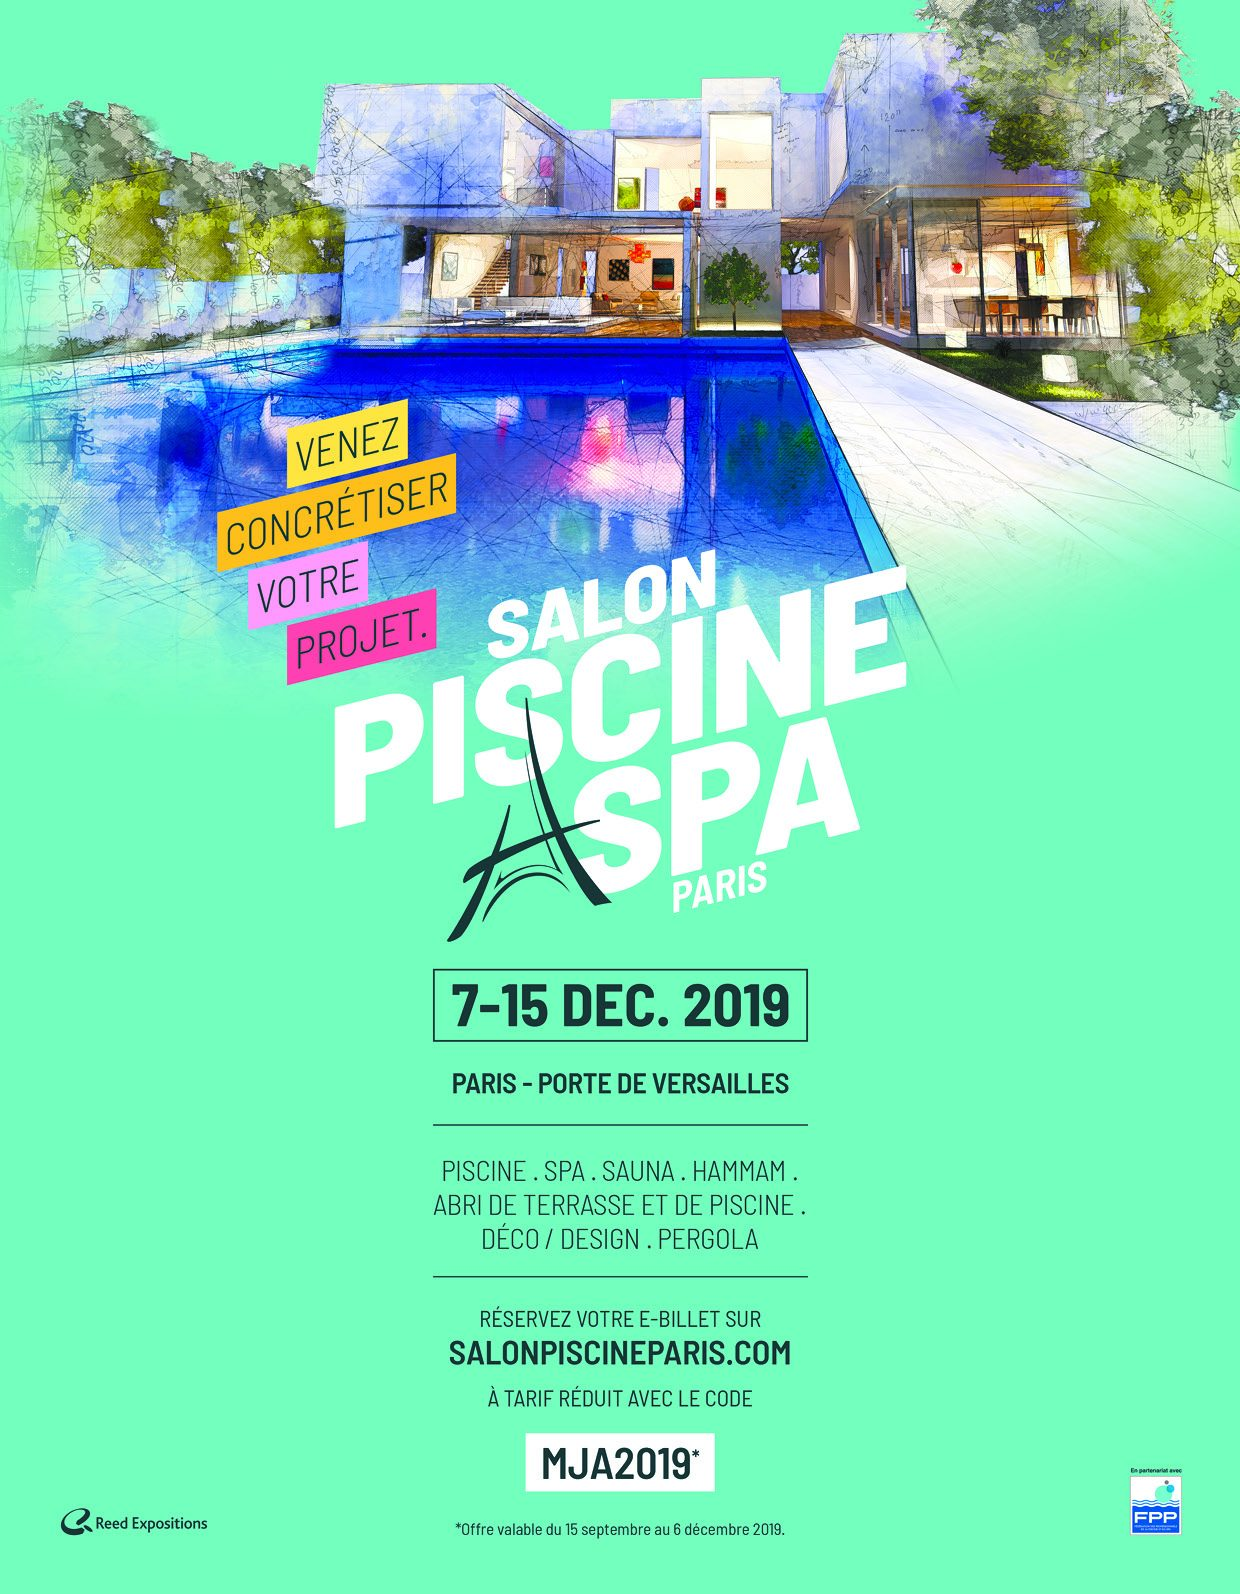 La Salon Piscine & Spa à Paris